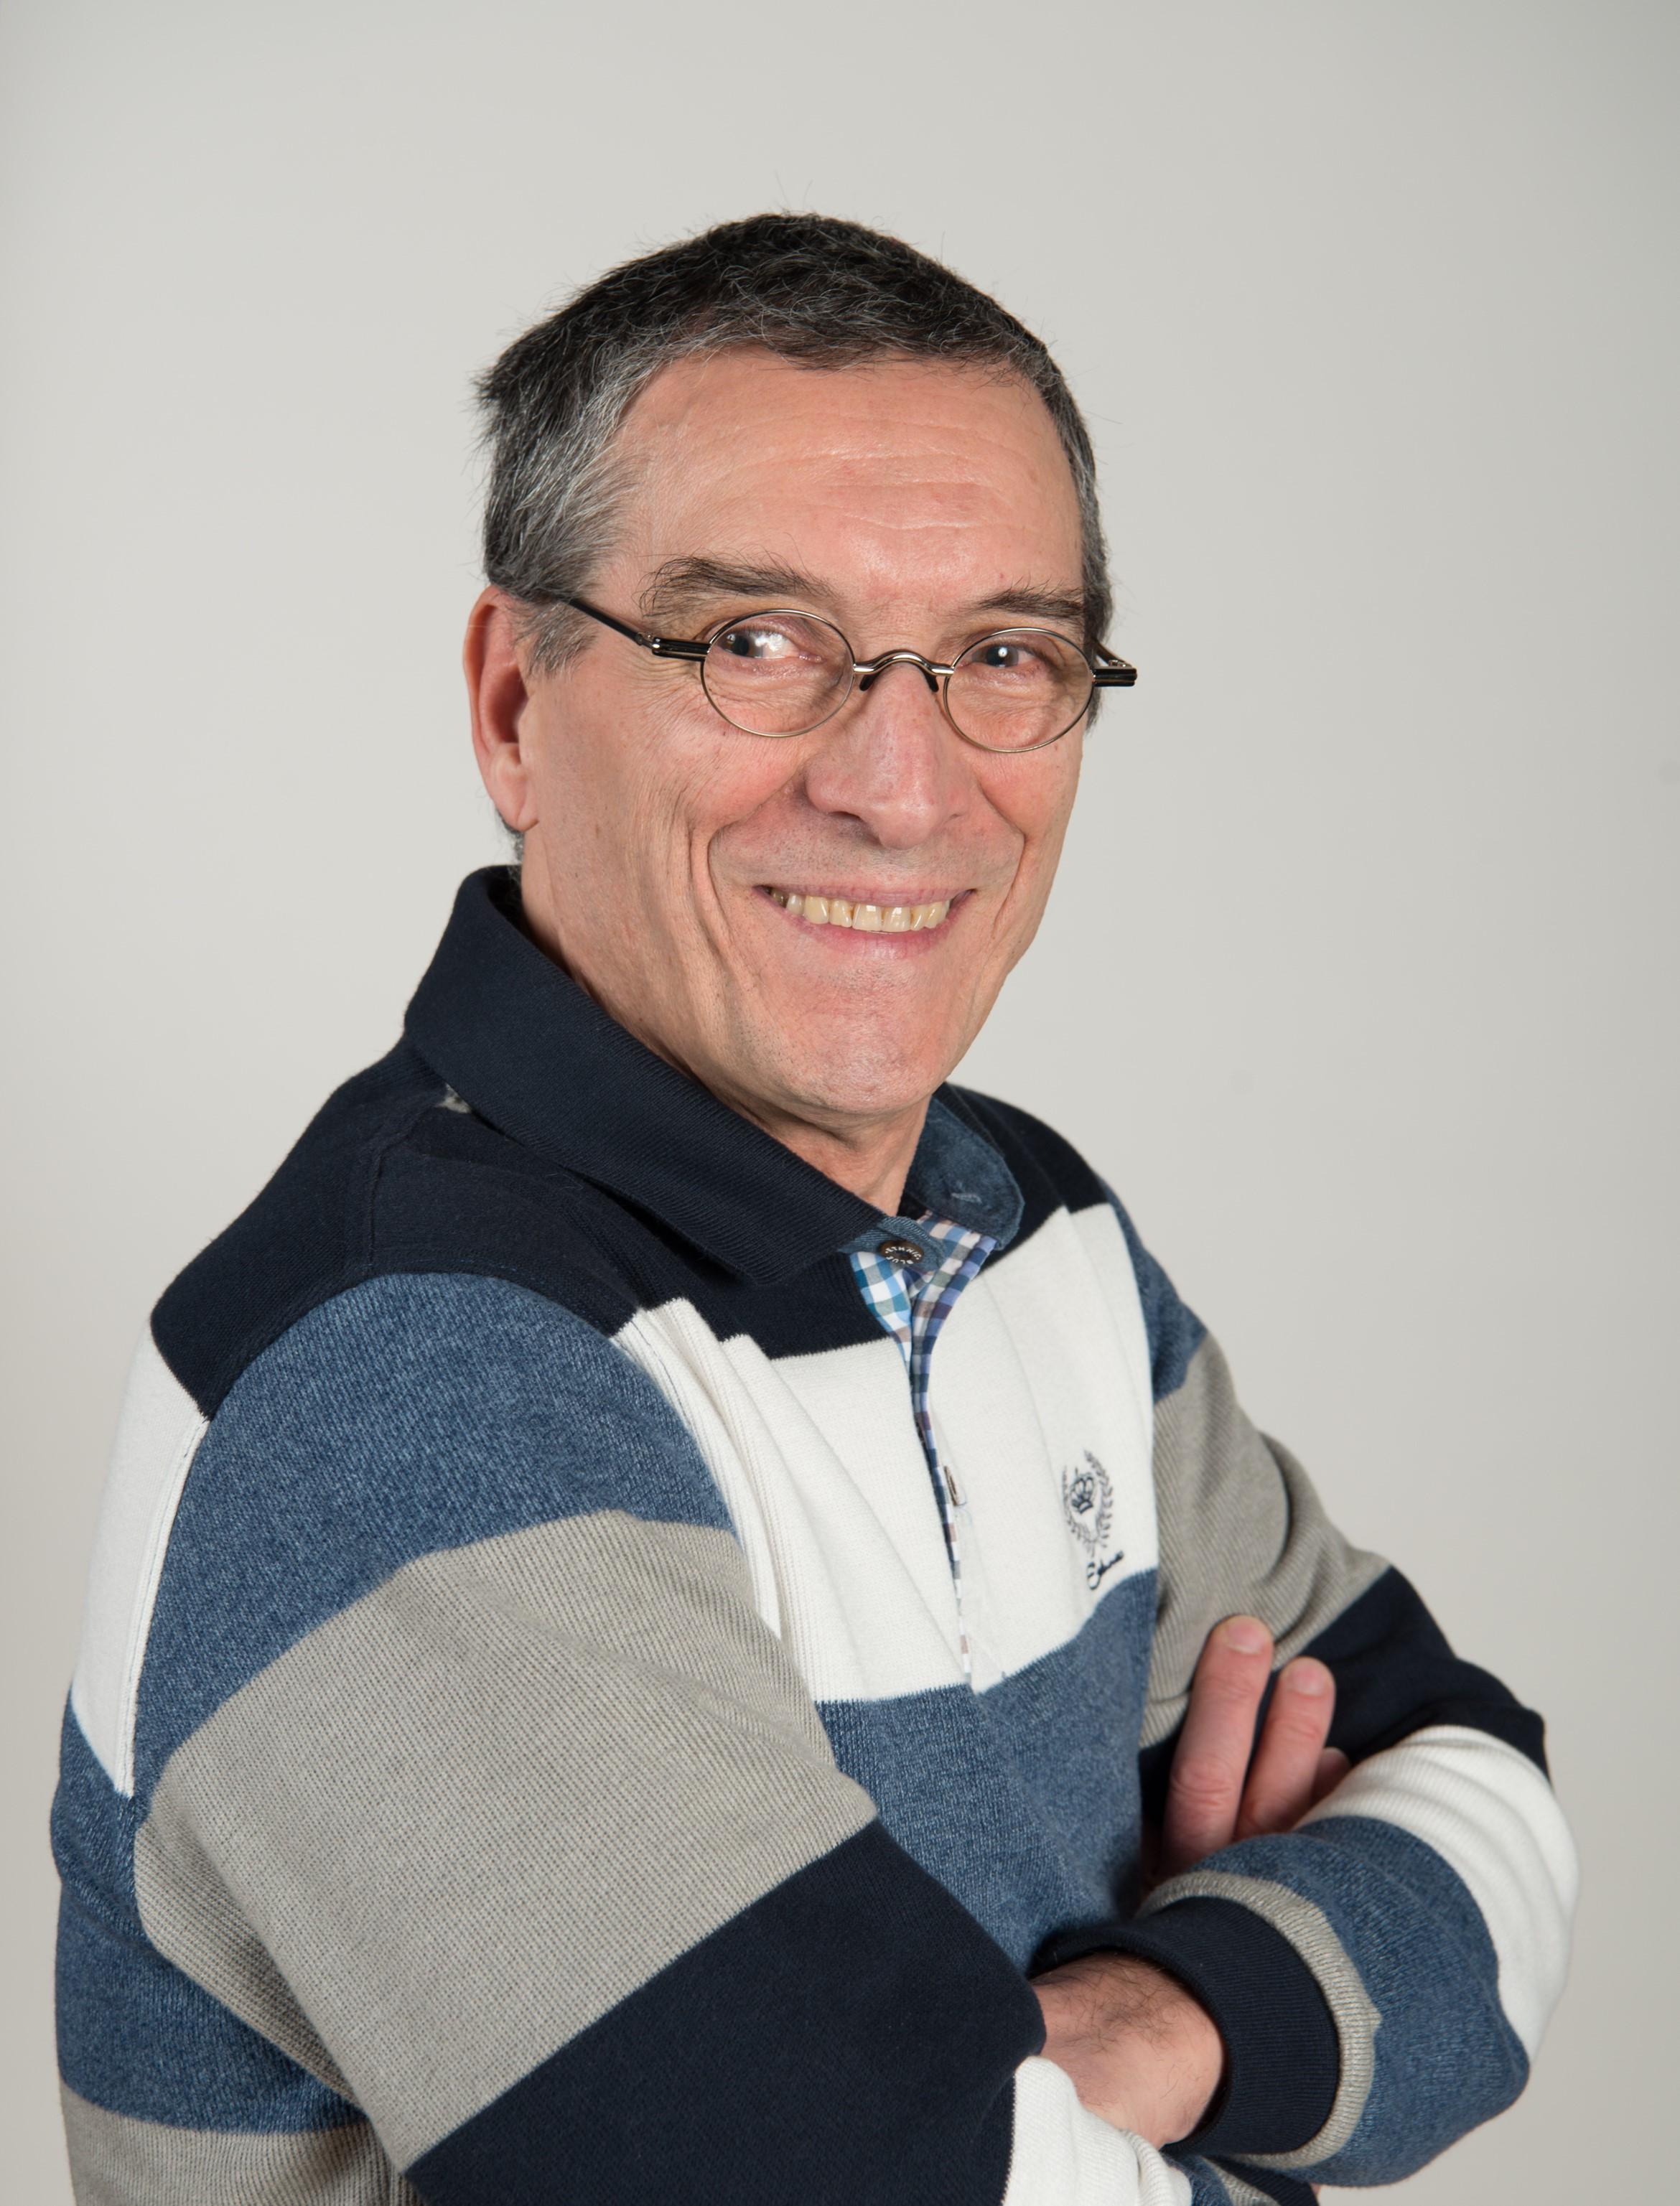 An image of Yannis Karamanos